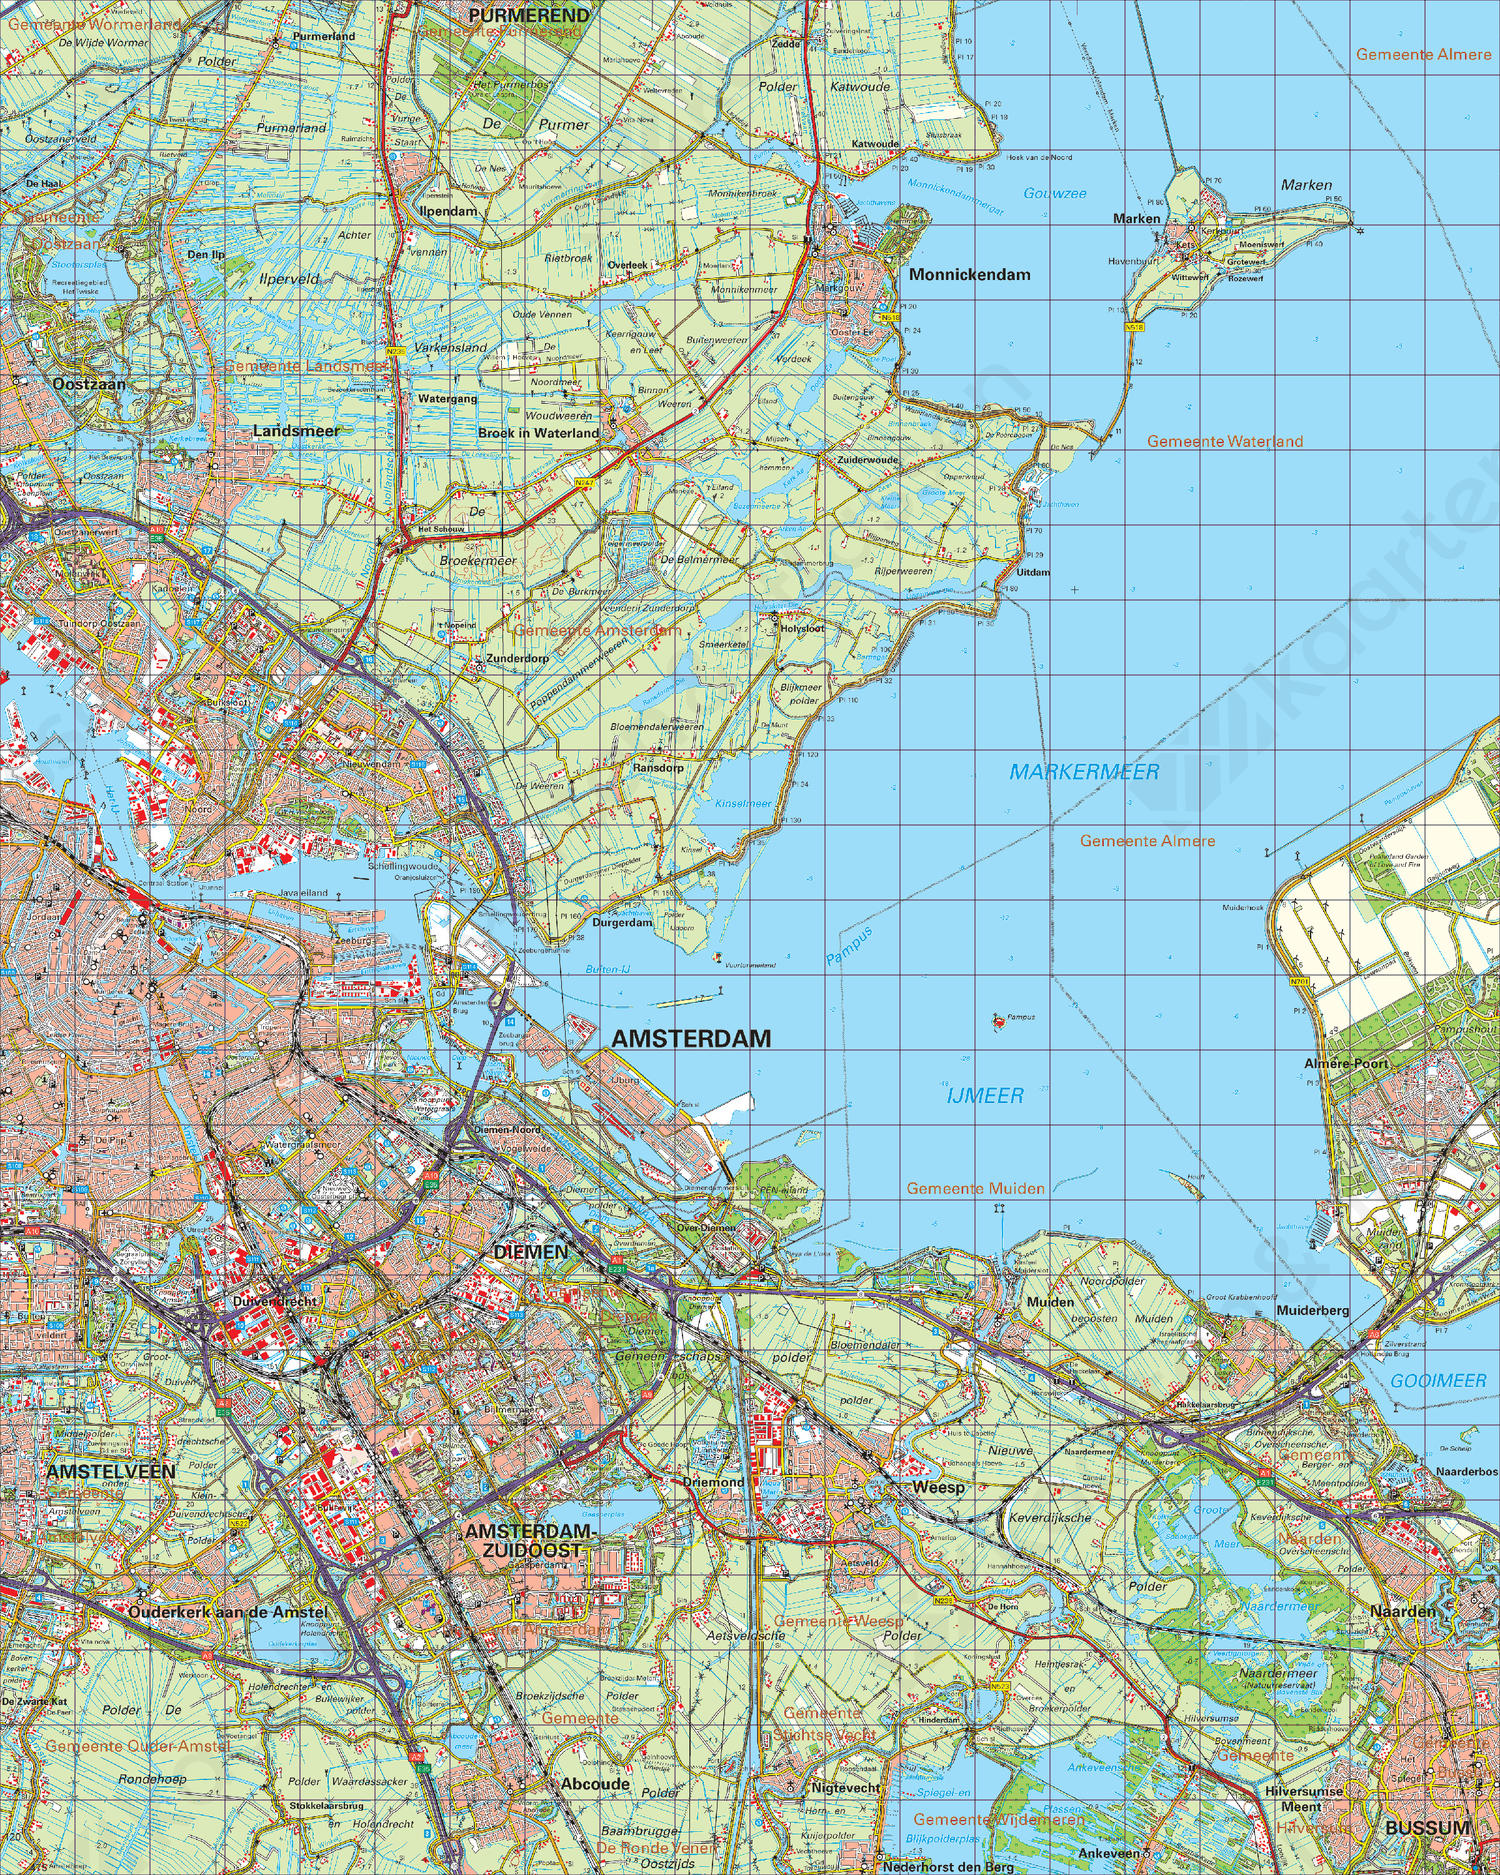 topografische kaart Topografische Kaart 25 Oost Amsterdam | Kaarten en Atlassen.nl